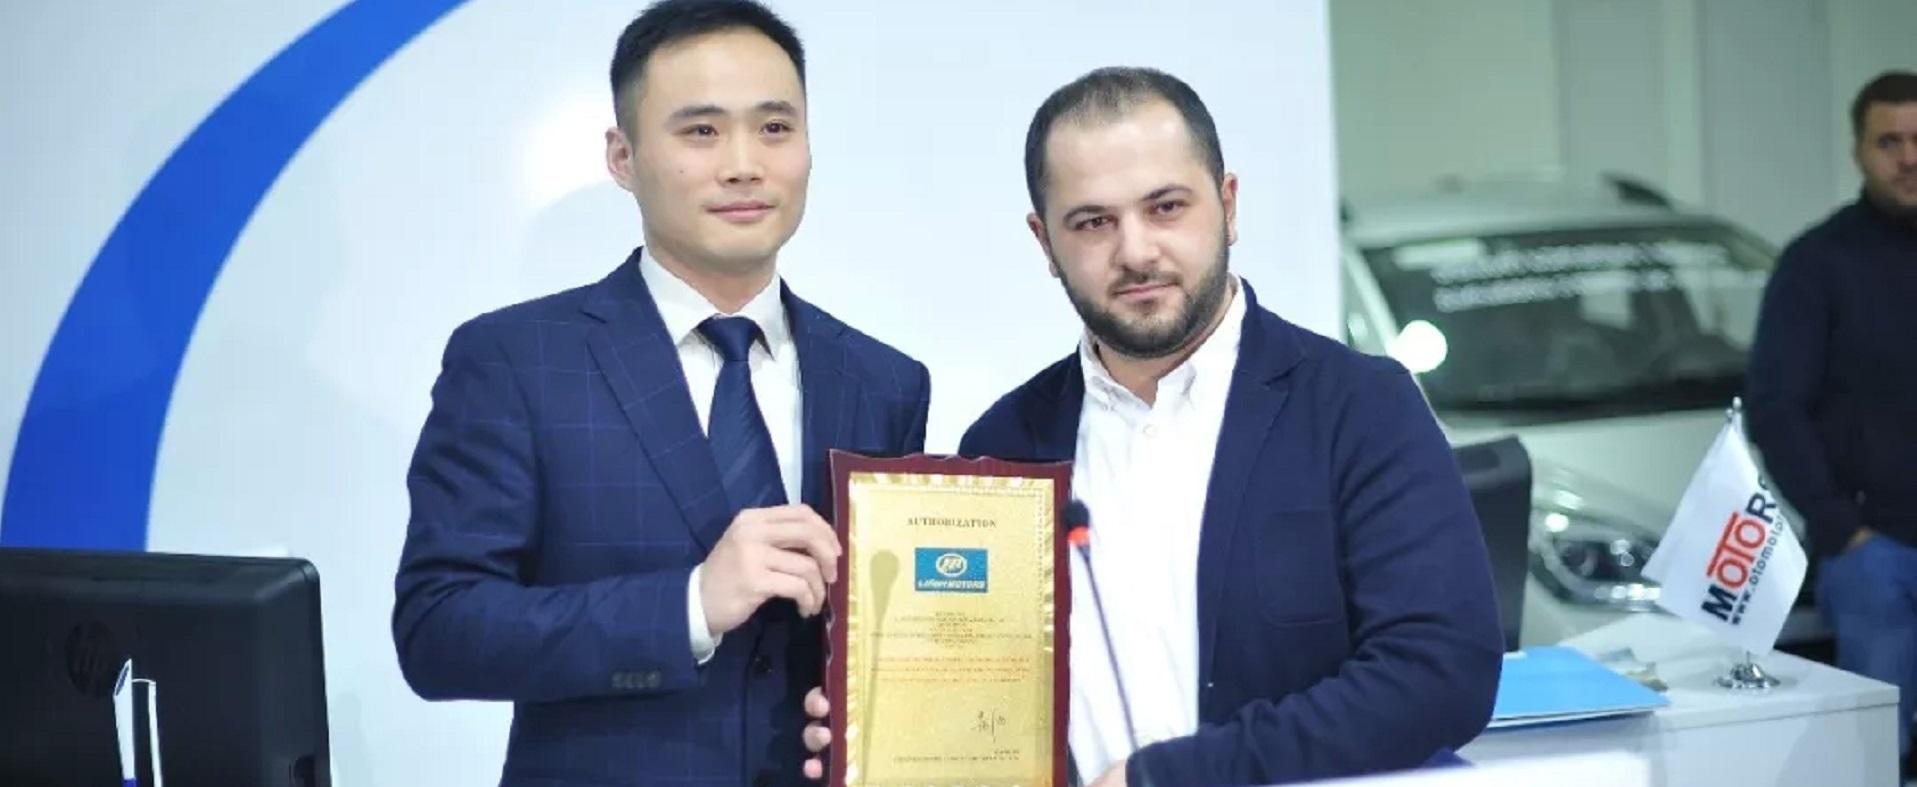 Компания Lifan Motors расширяет географию: модели LIFAN X70 и LIFAN M7 впервые представлены на рынке Грузии